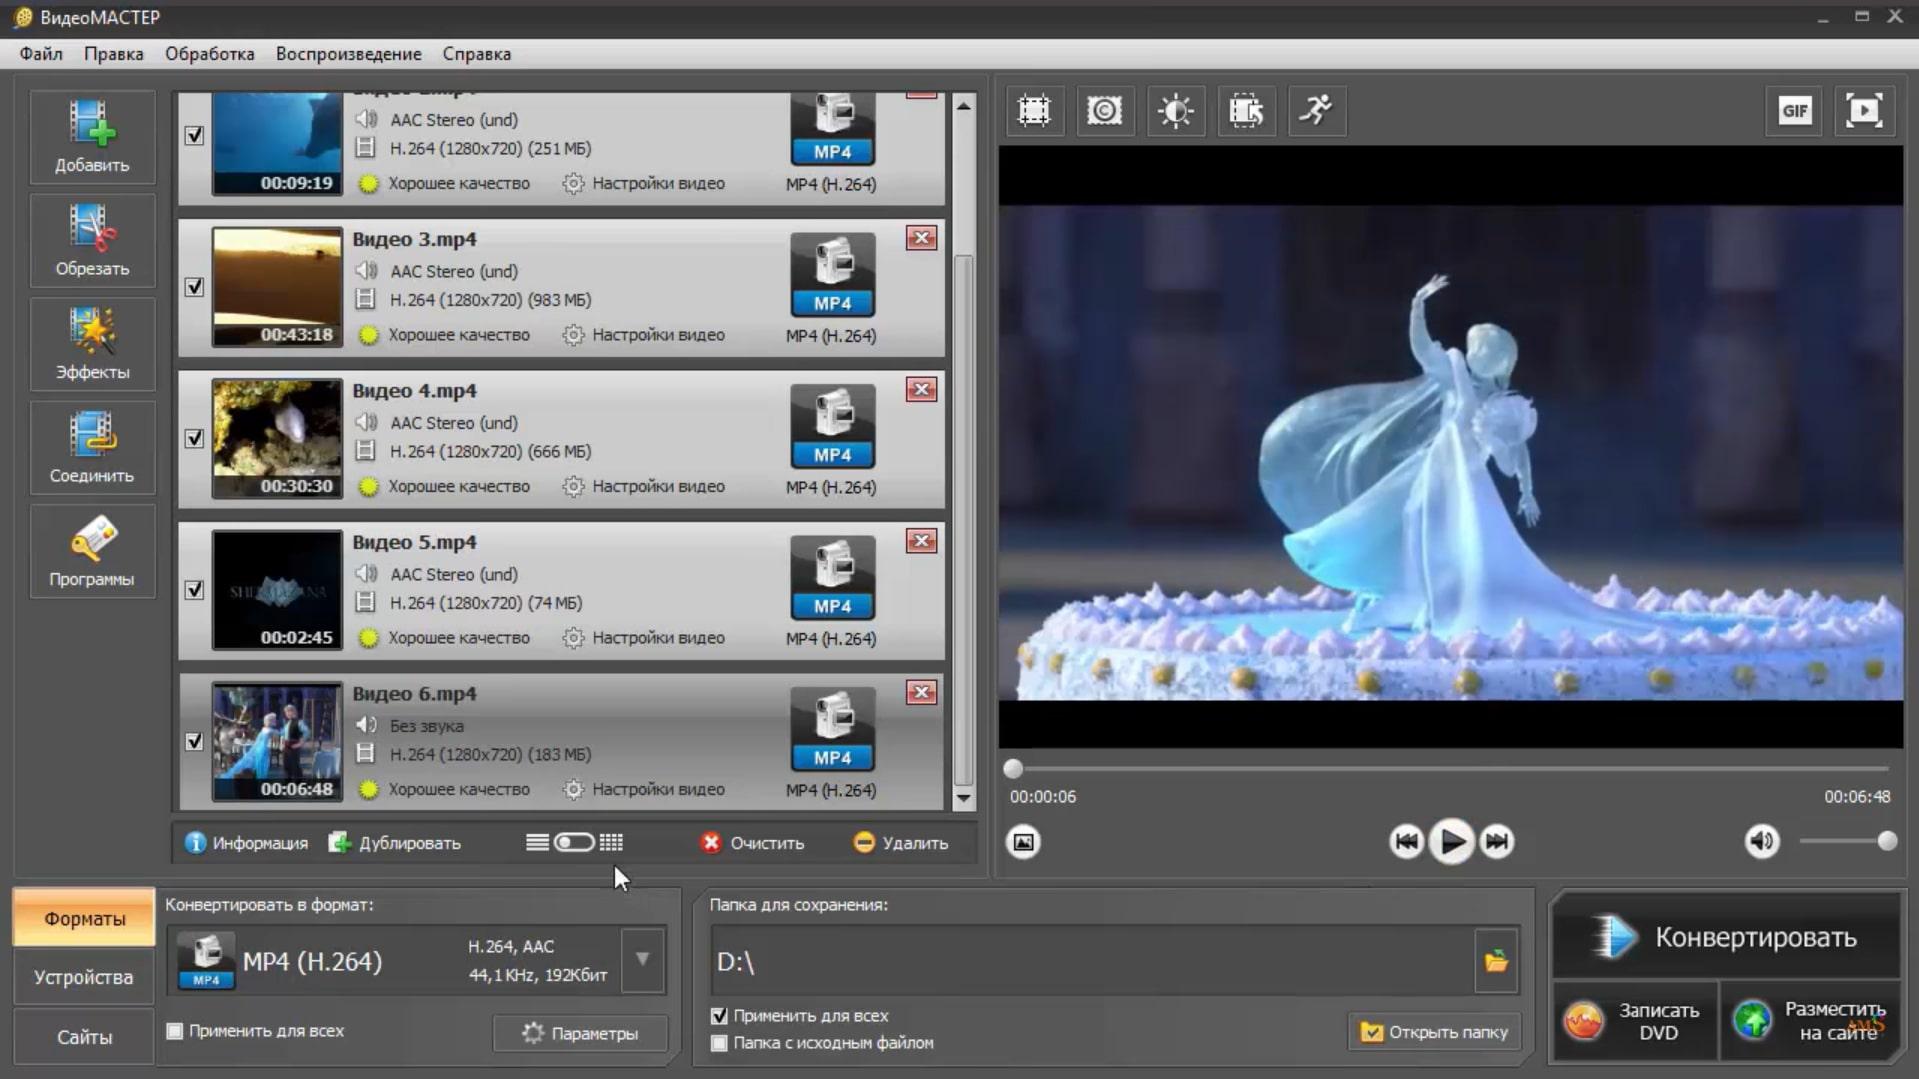 Видео с расширением avi скачать. Программы для проигрывания AVI видео файлов